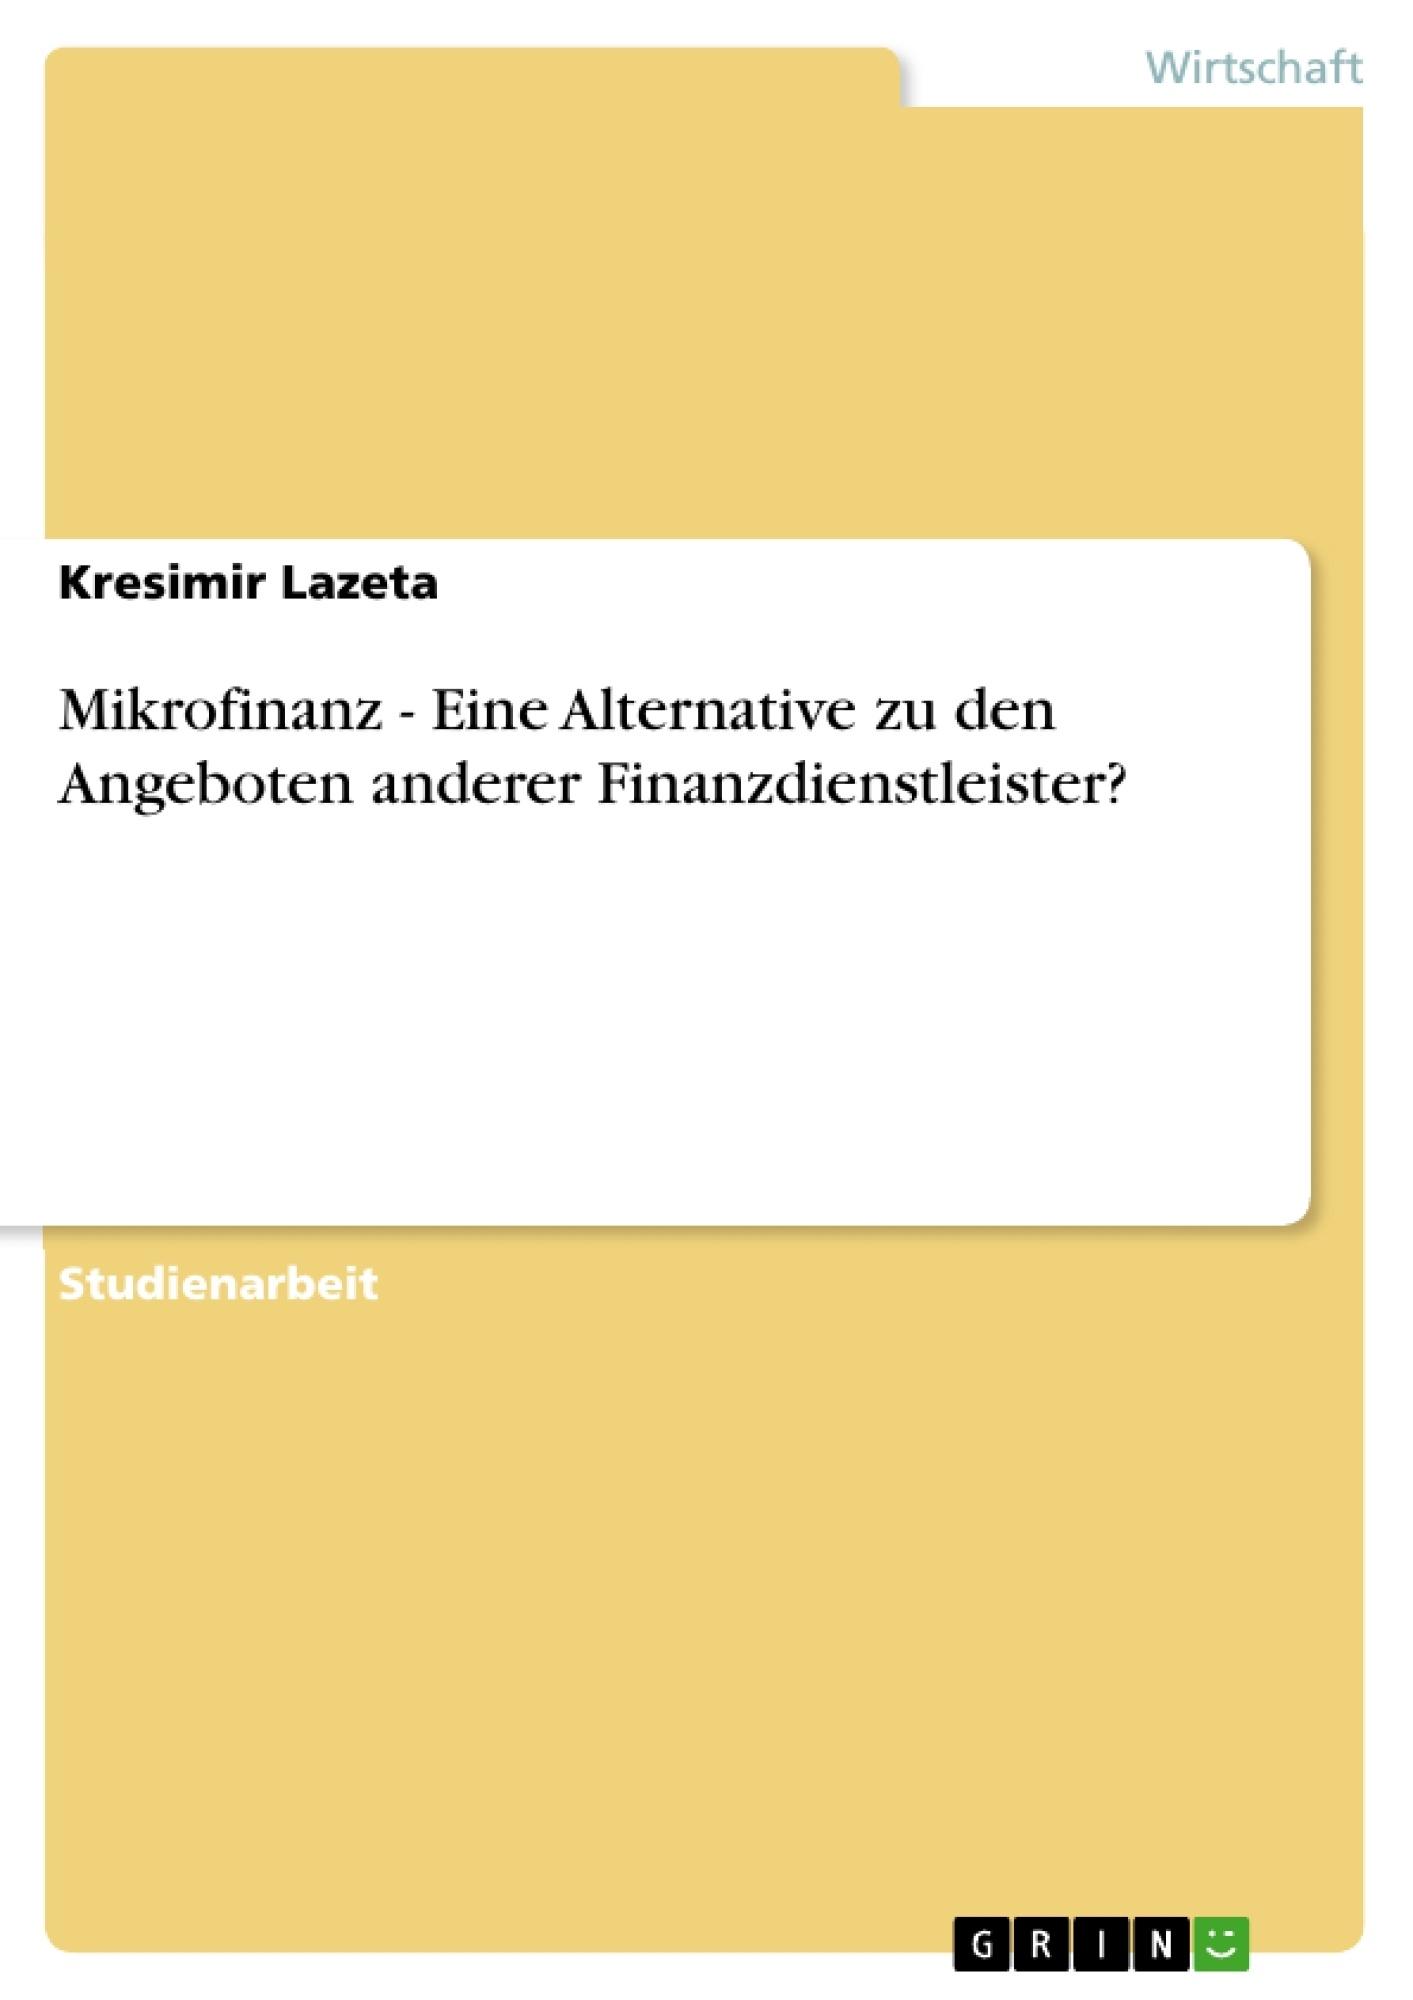 Titel: Mikrofinanz - Eine Alternative zu den Angeboten anderer Finanzdienstleister?